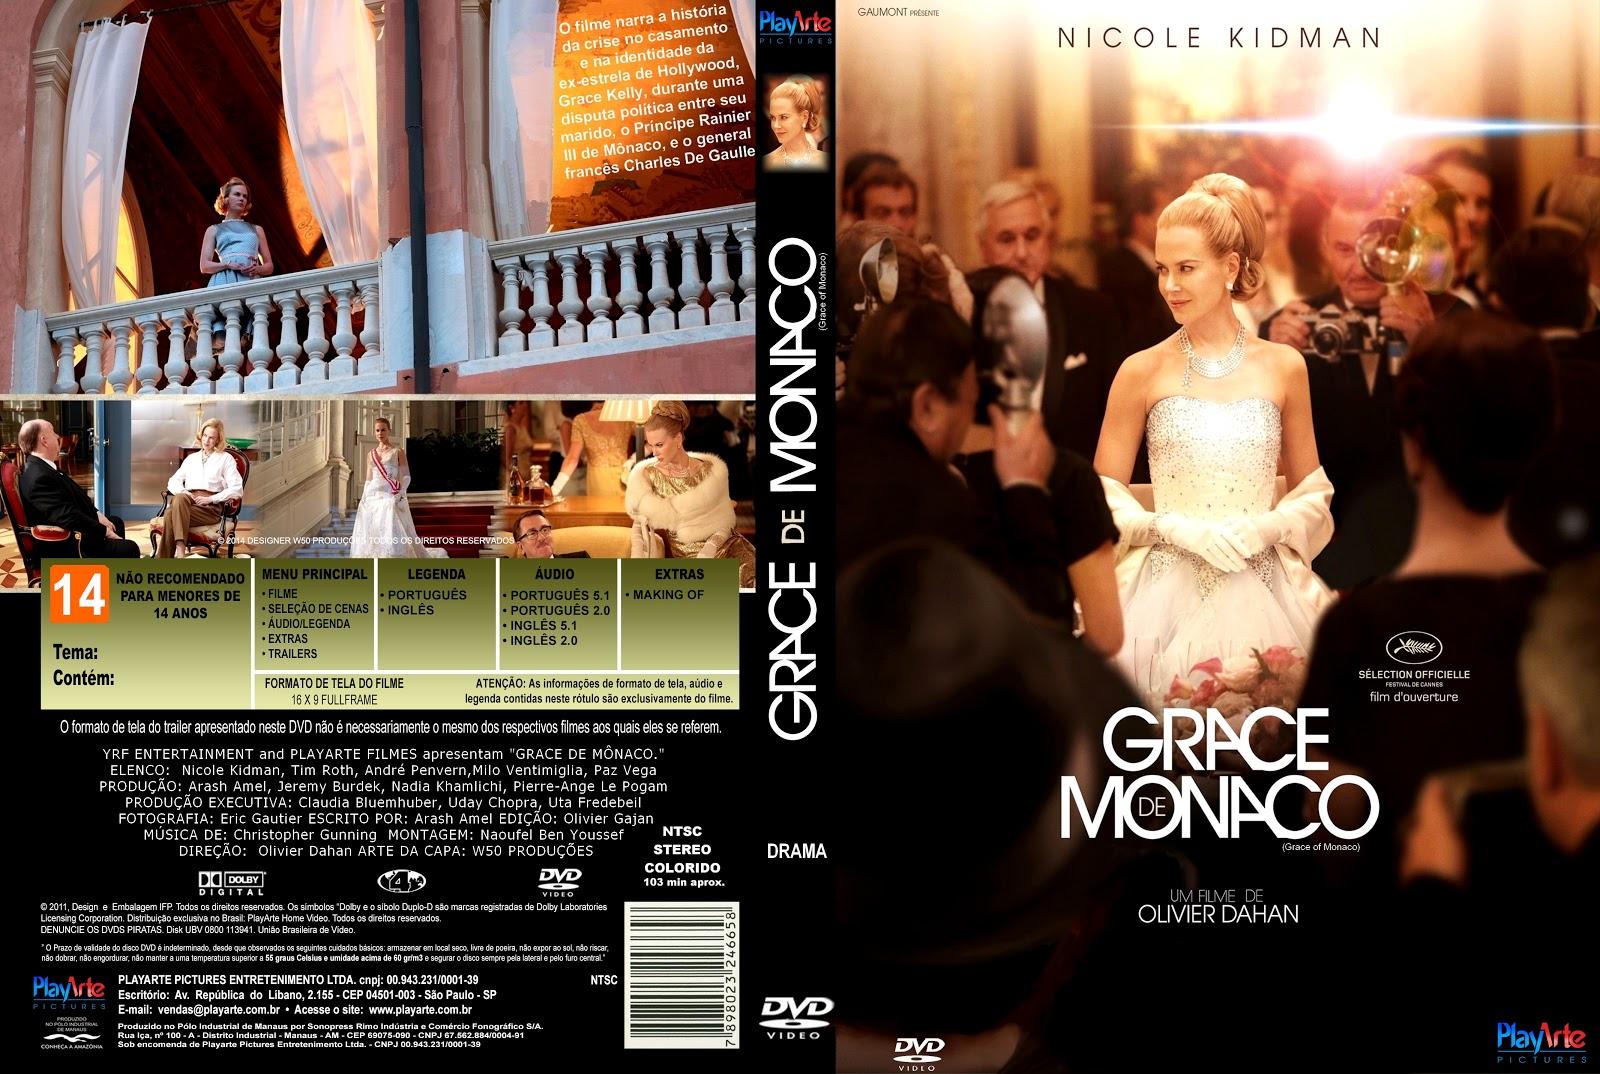 Capa DVD Grace De Monaco